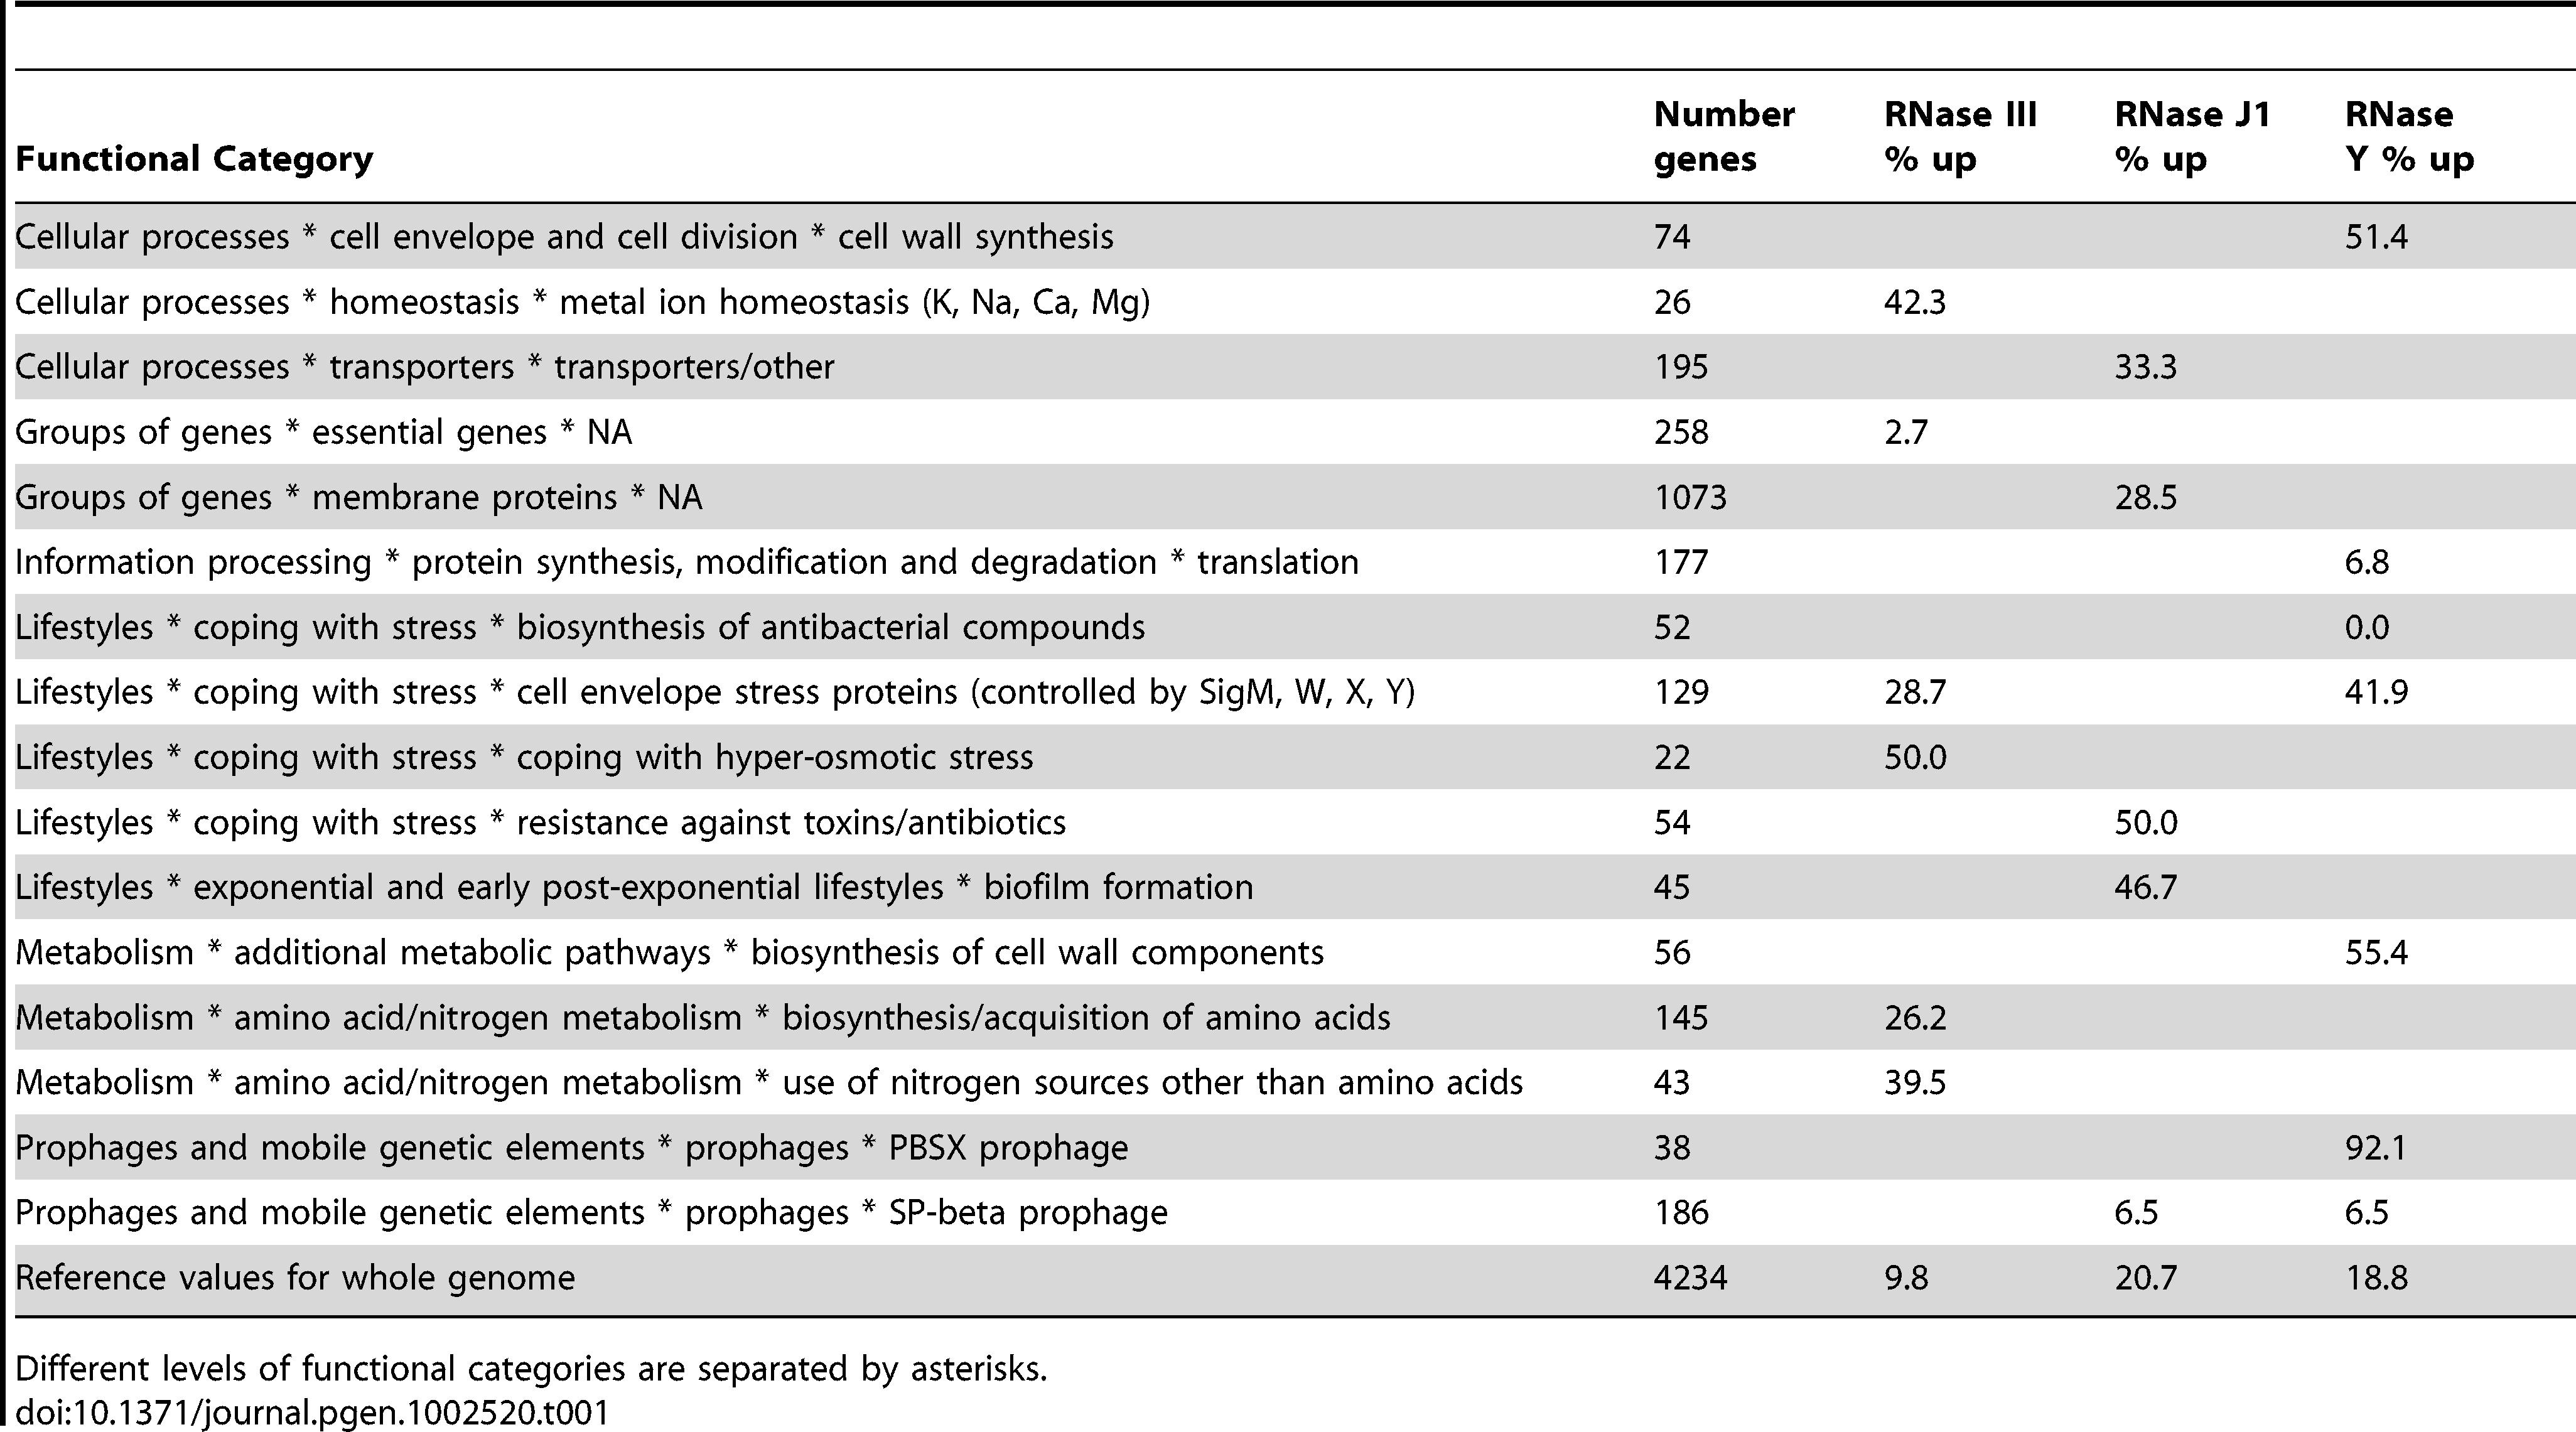 Functional categories of mRNAs stabilised in RNase III, J1, and Y mutants.